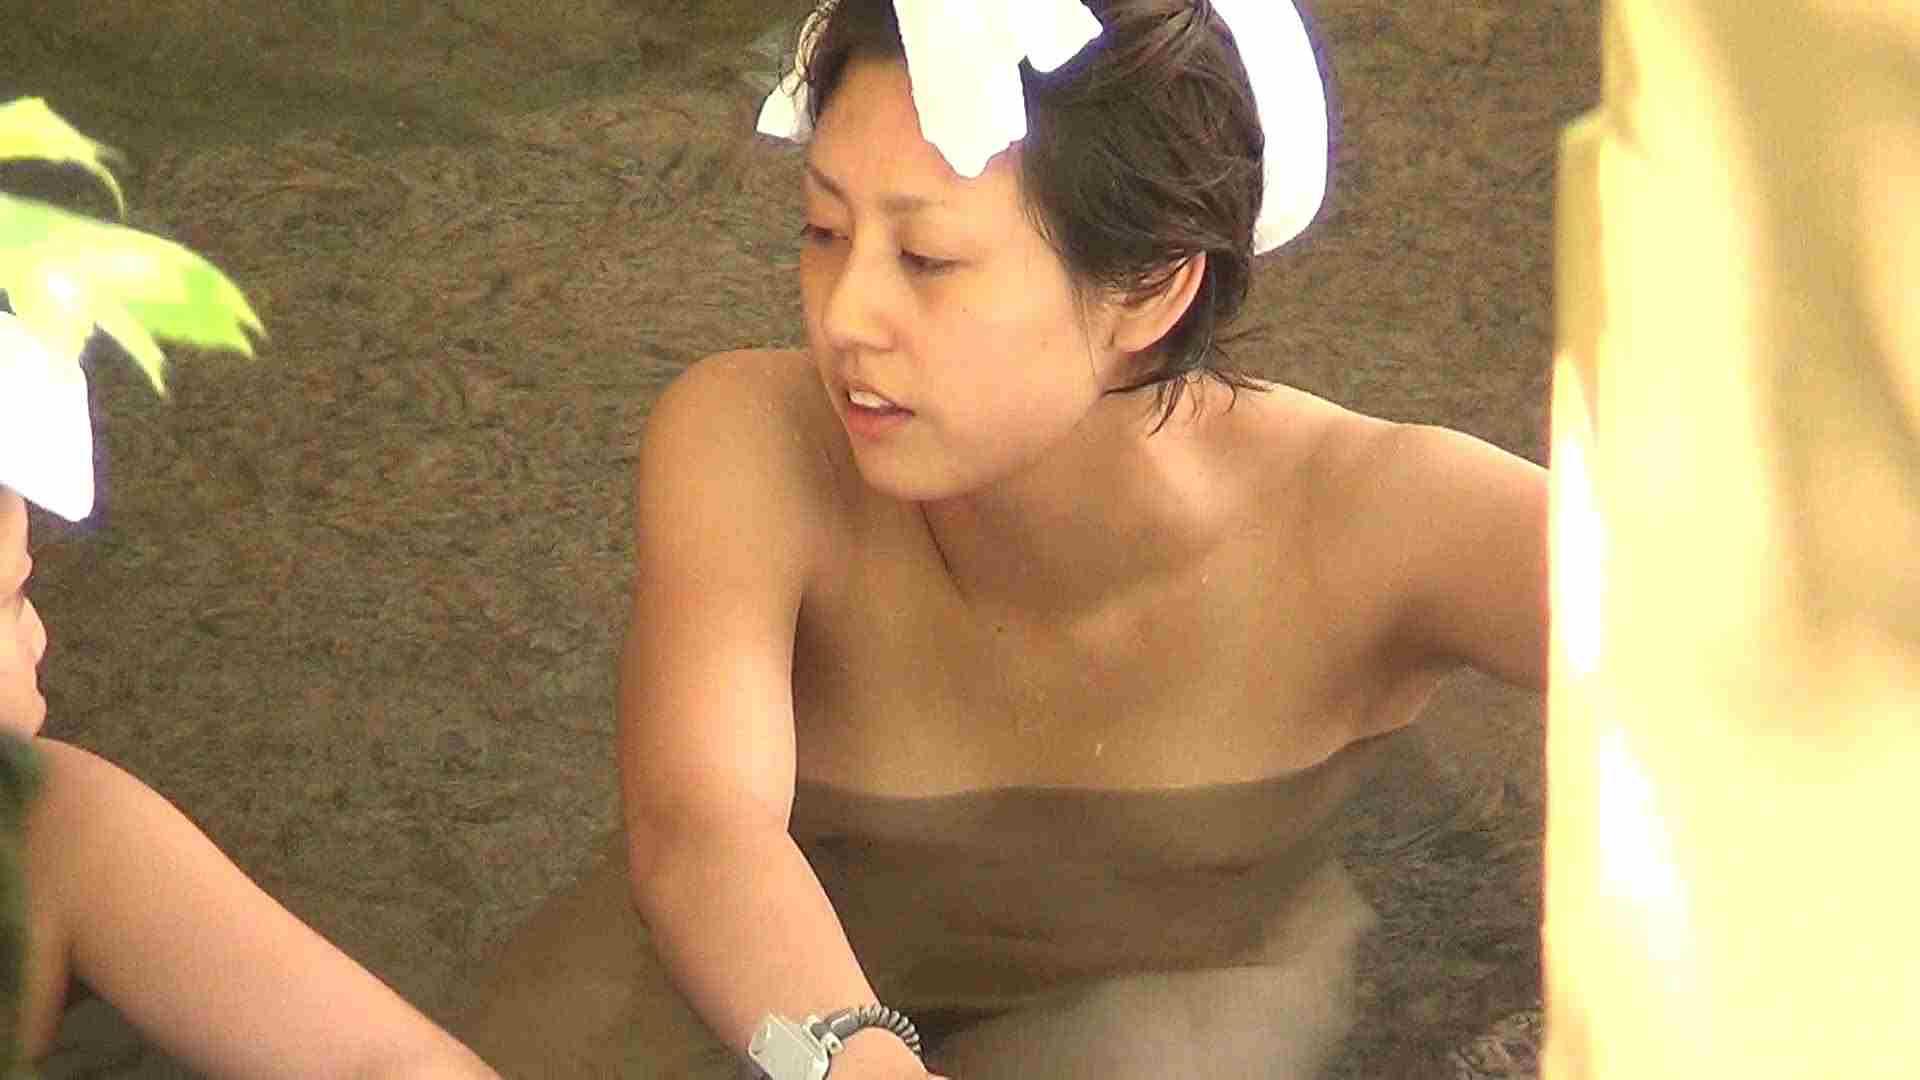 ハイビジョンVol.13 上は美人で下の下は薄いカーテン 美肌 オマンコ動画キャプチャ 82画像 65